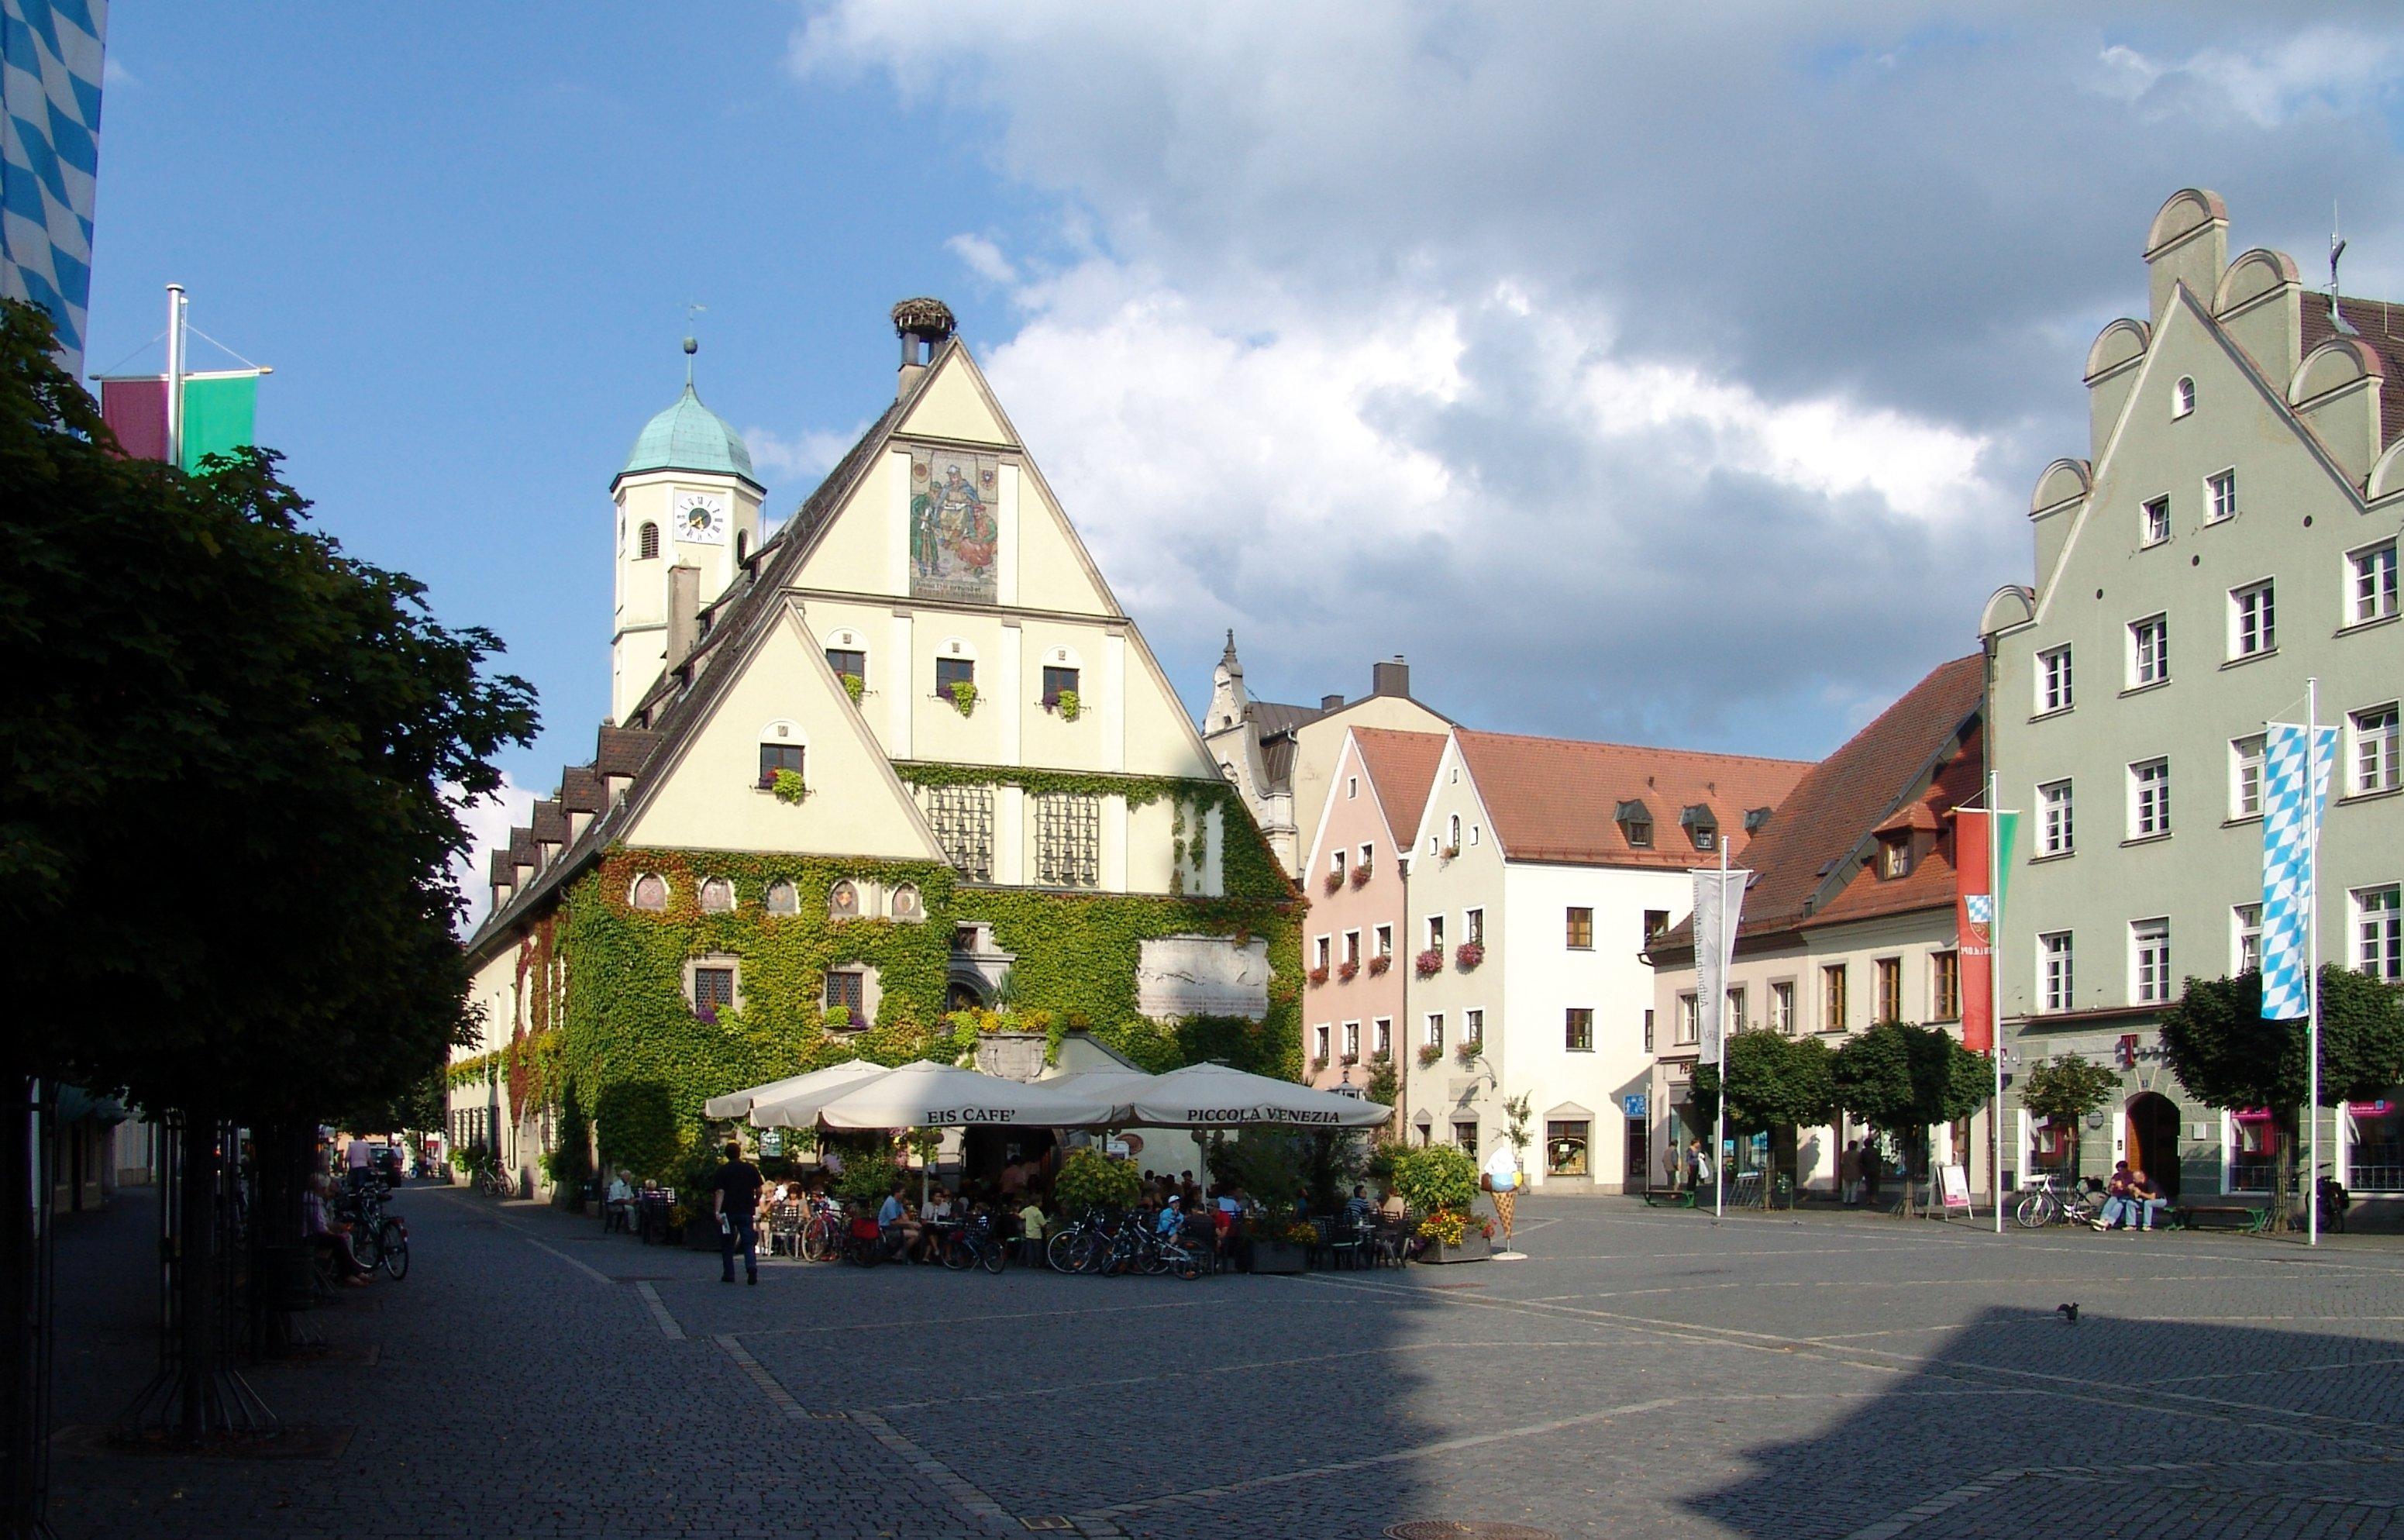 ... Altstadt Hotel - 4 star hotel in Weiden in der Oberpfalz (Bayern